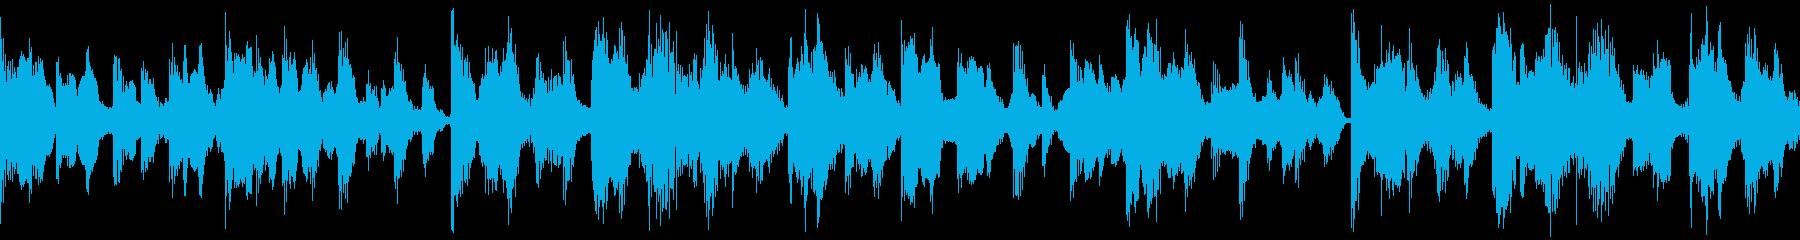 コンビニカード生活に根差した商品用BGMの再生済みの波形